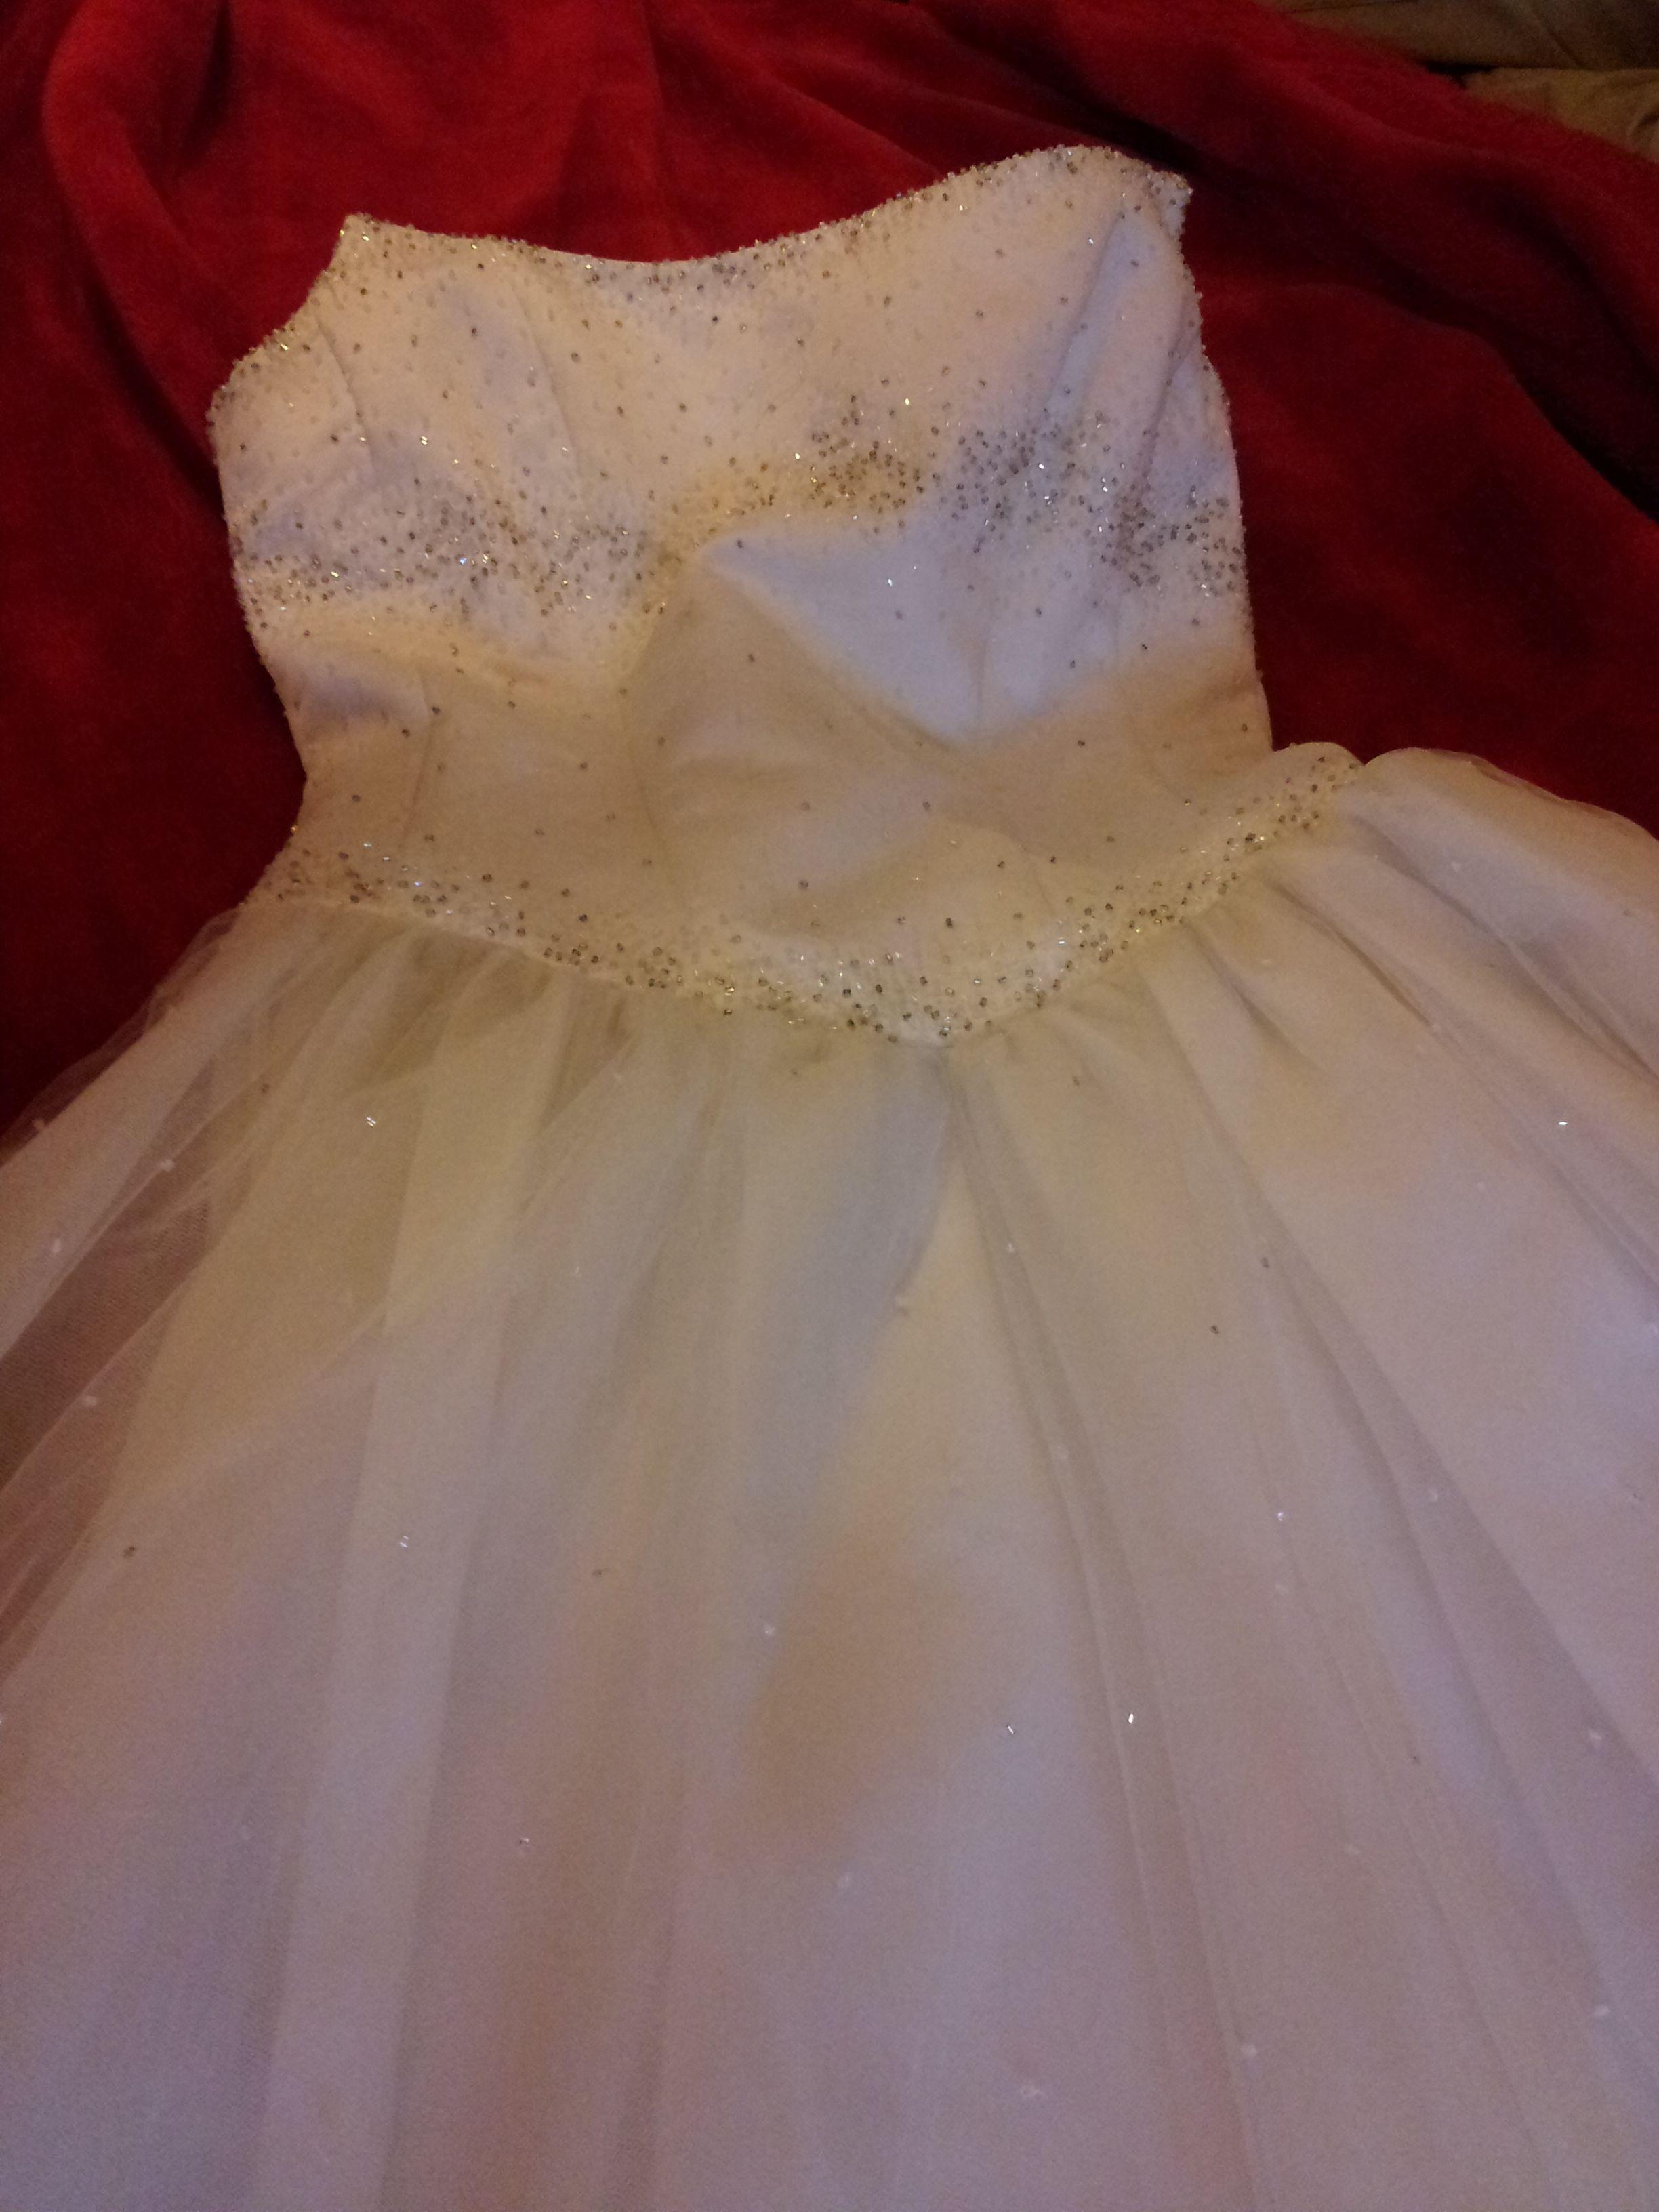 Novo vestido publicado! casa das noivas - T38 por só 270€! Economize um 78%!   http://www.weddalia.com/pt/loja-vender-vestido-de-noiva/casa-das-noivas-t38-2/ #VestidosDeNoiva via www.weddalia.com/pt